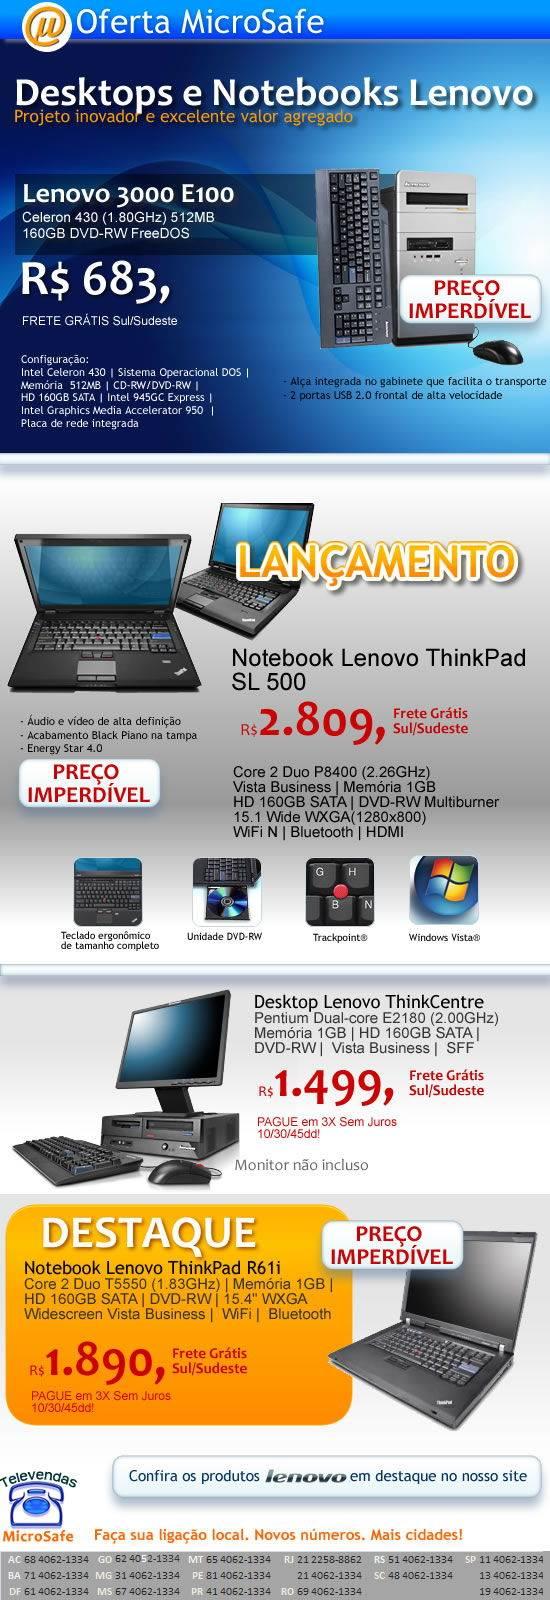 Notebooks e desktops_LENOVO_com_preços_IMPERDíVEIS